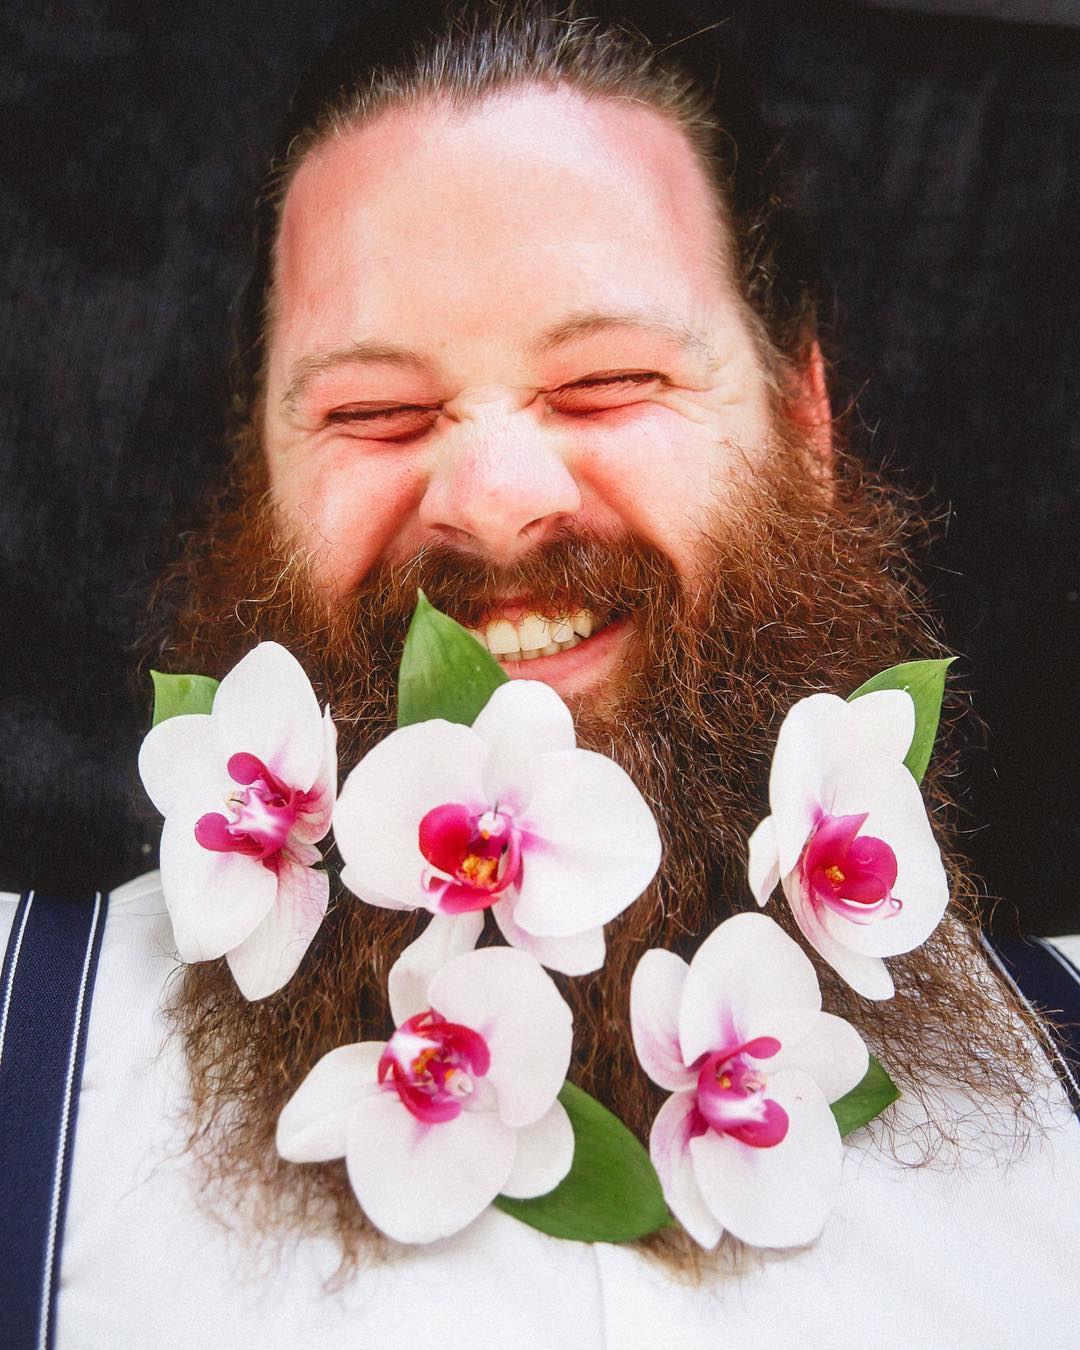 Новый тренд #flowerbeard: Мужчины к весне украшают свою бороду цветами